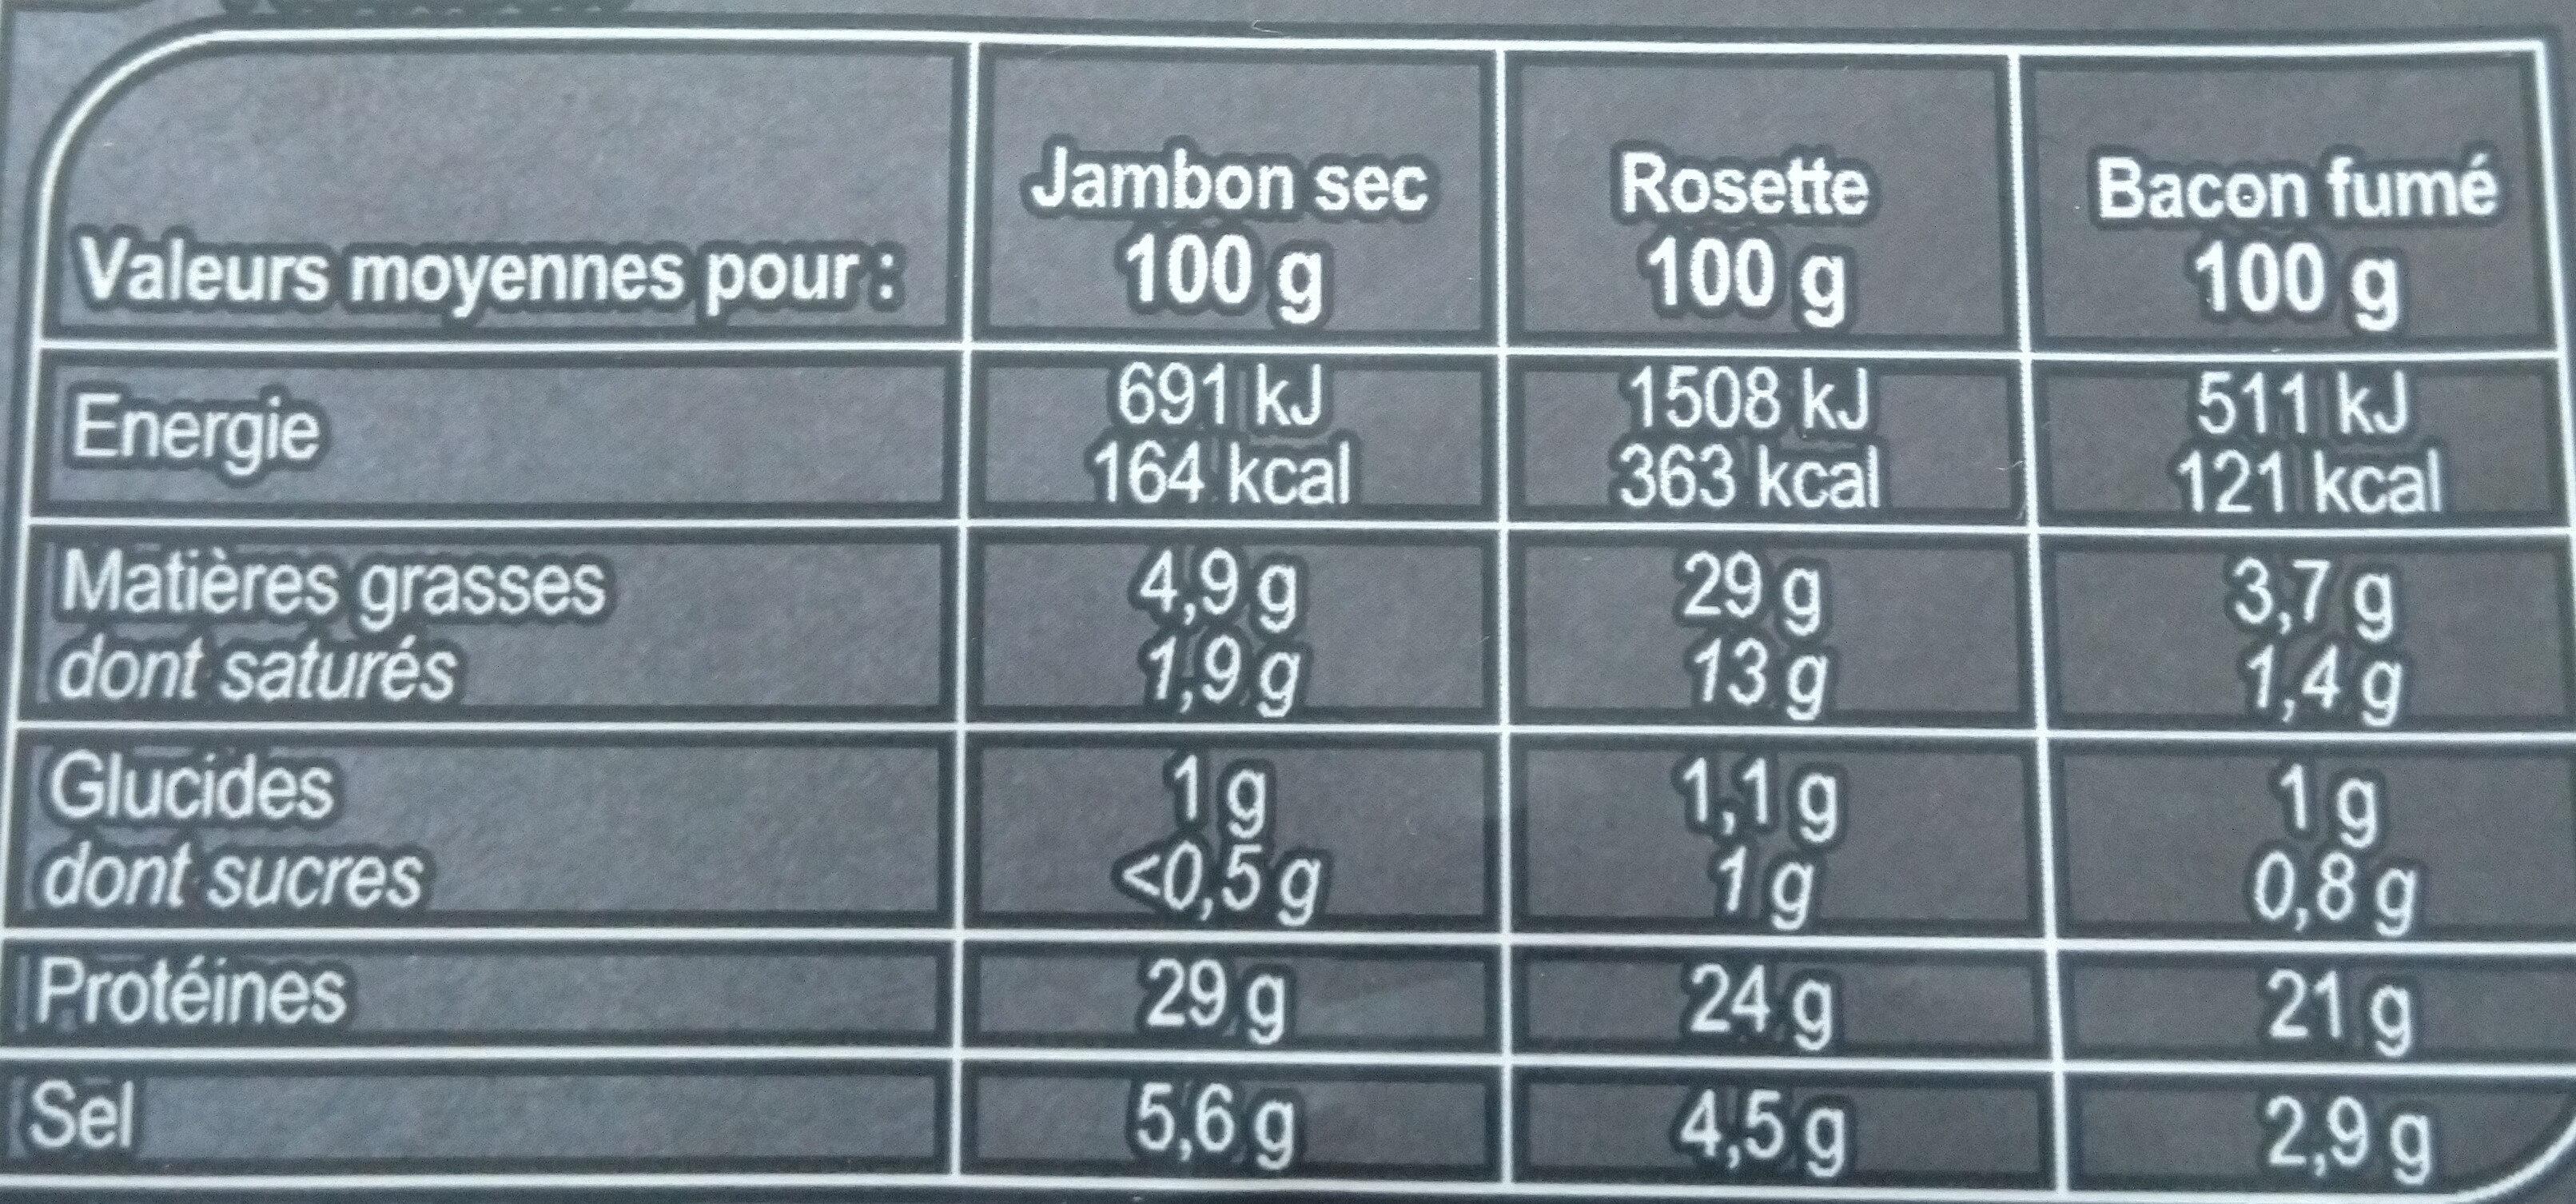 Assiette de charcuterie Jambon sec, Rosette, Bacon fumé - Voedingswaarden - fr